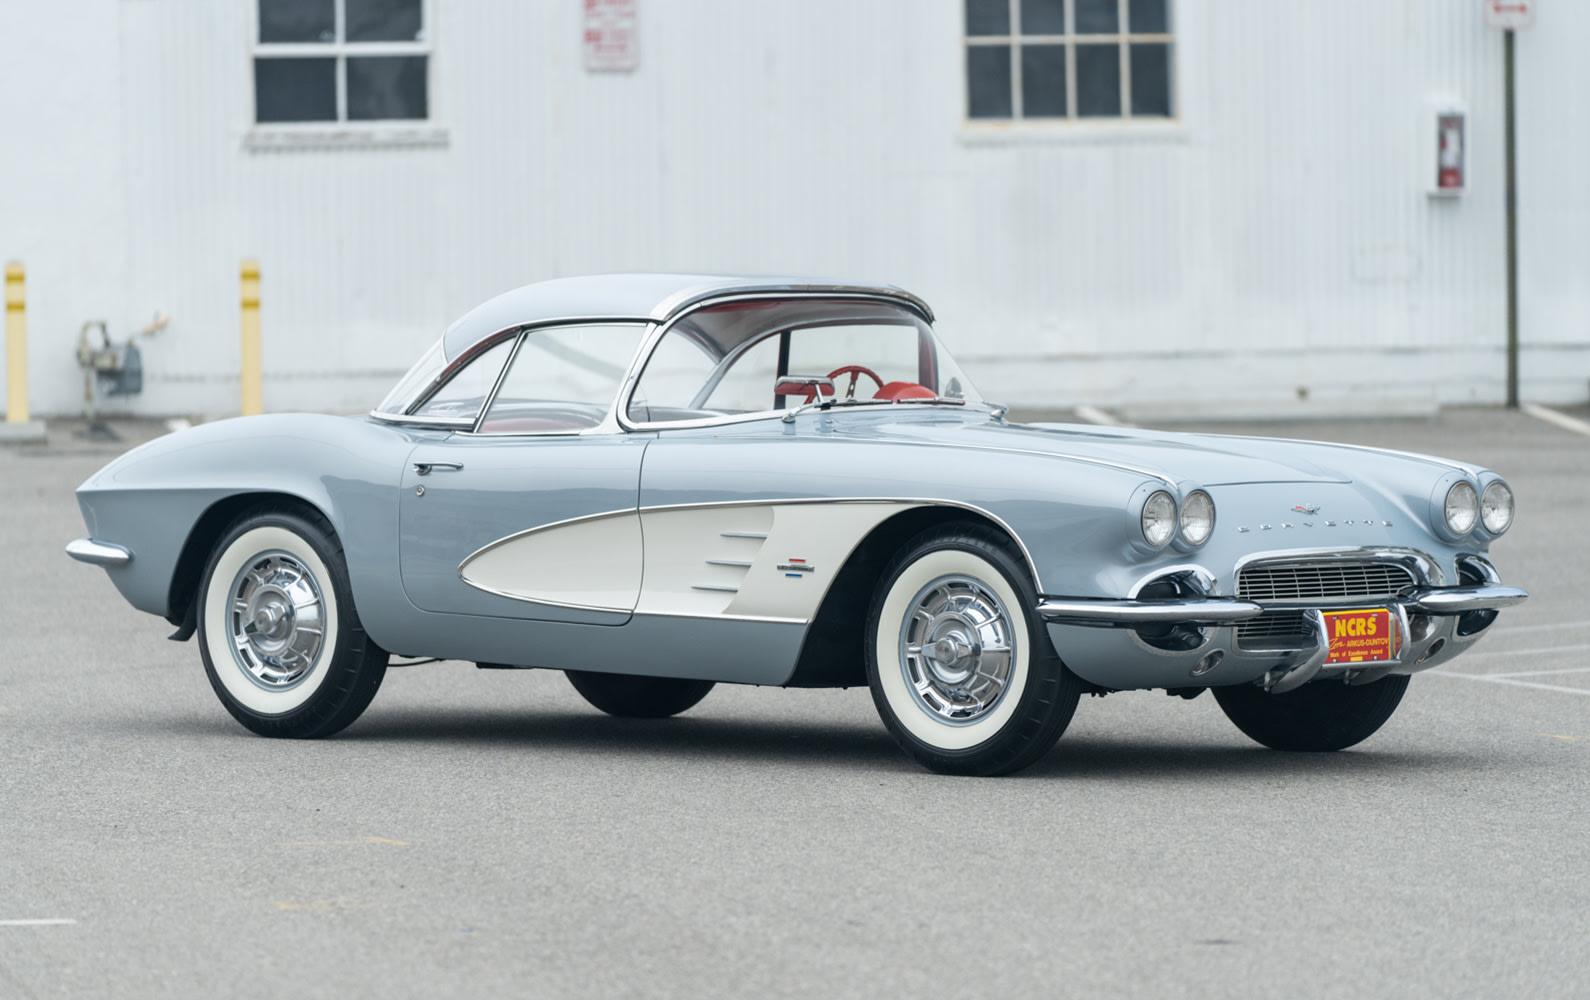 1961 Chevrolet Corvette 283/230